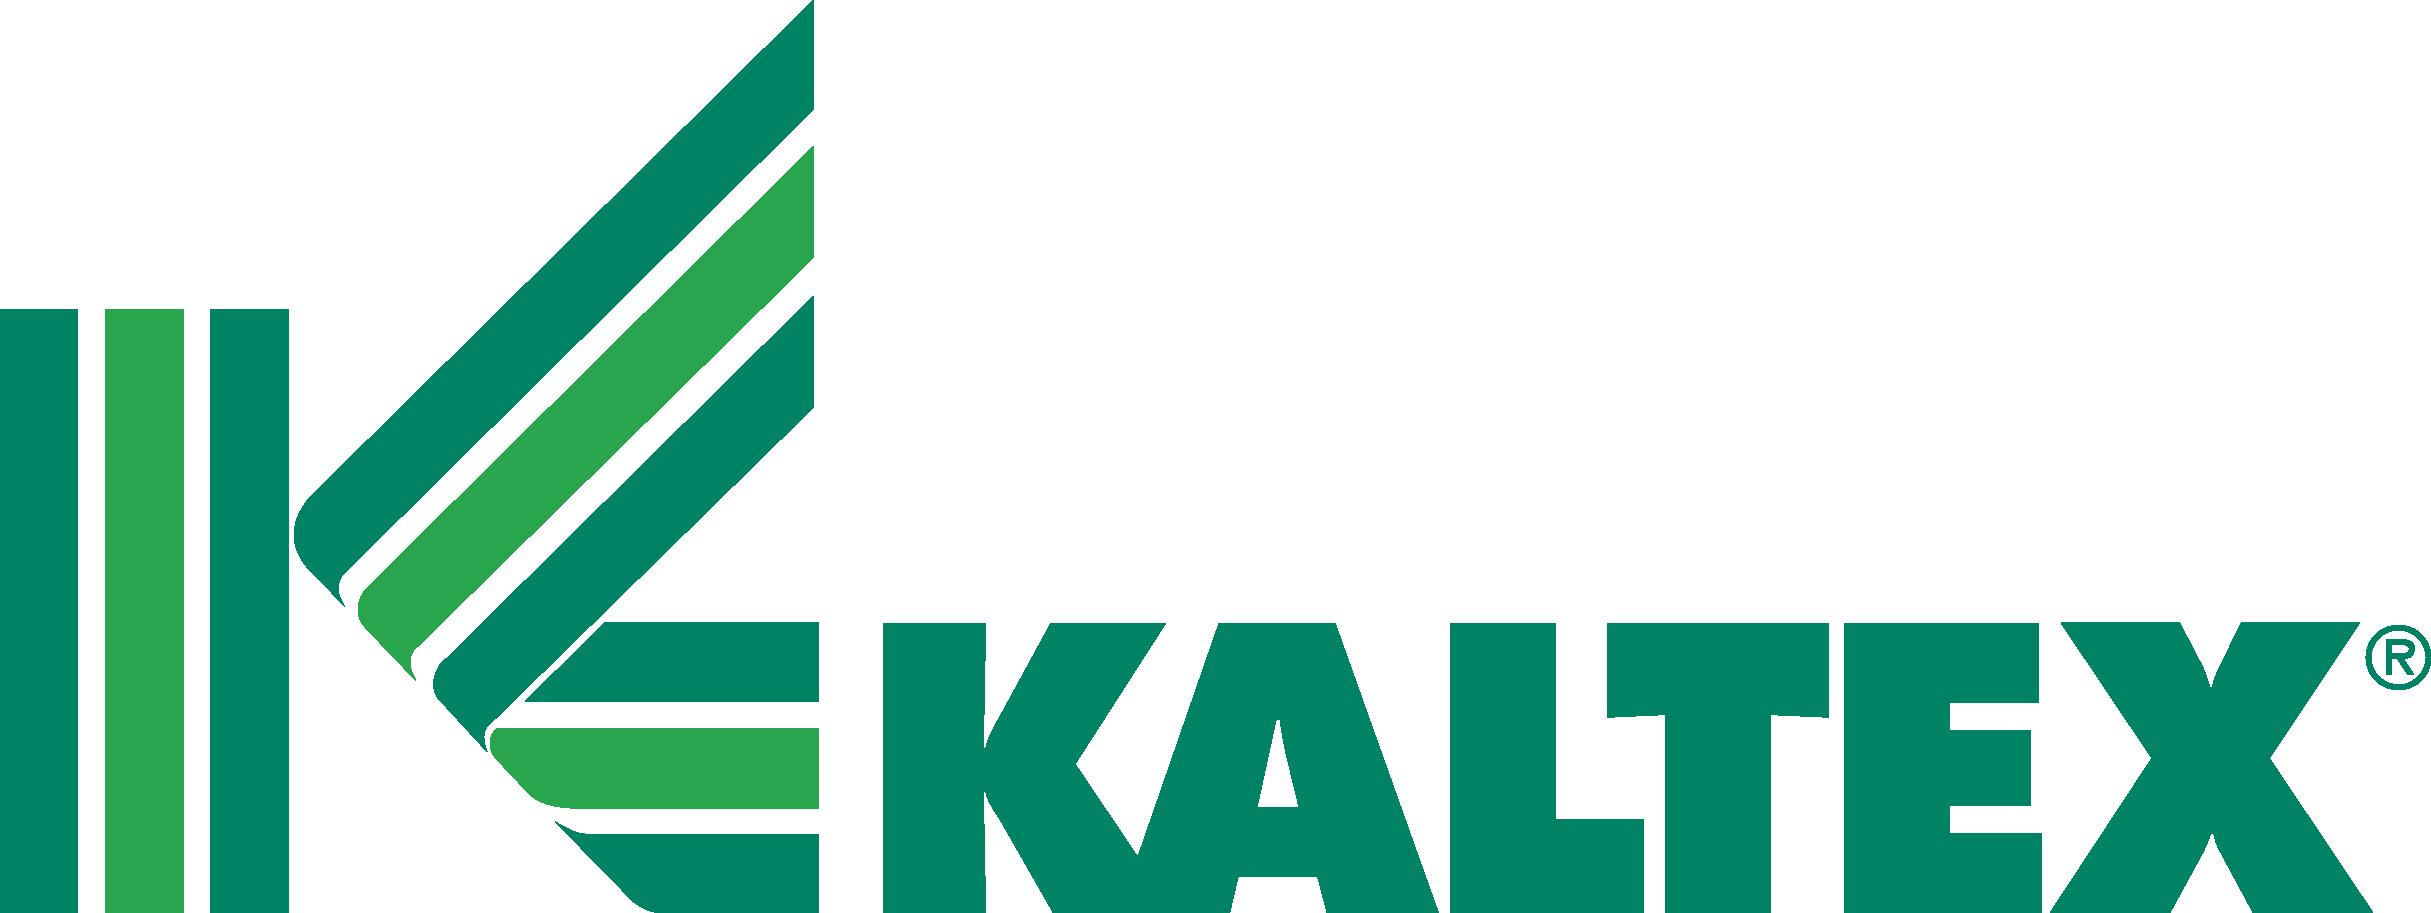 Kaltex® empresa 100% mexicana.